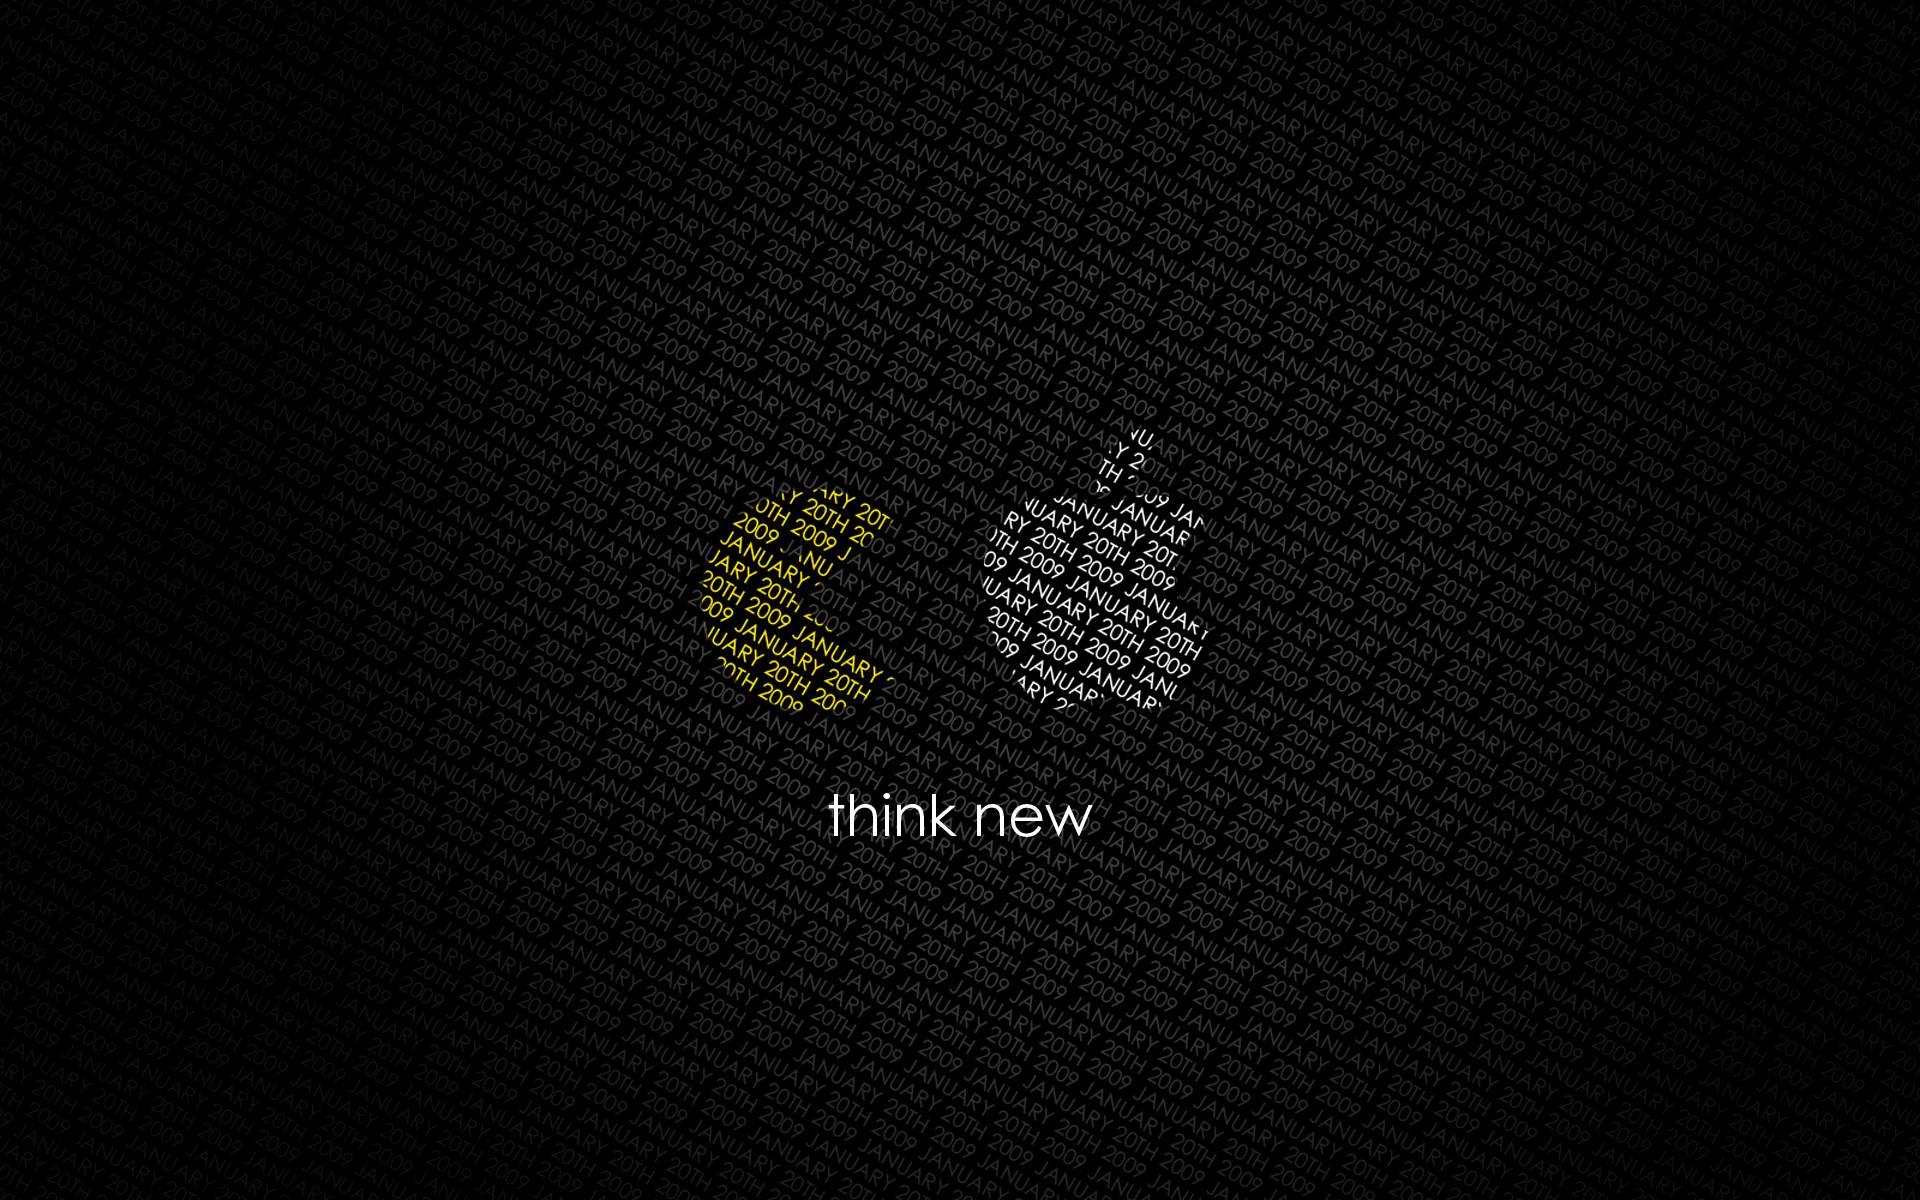 Thinkpad wallpaper   668055 1920x1200